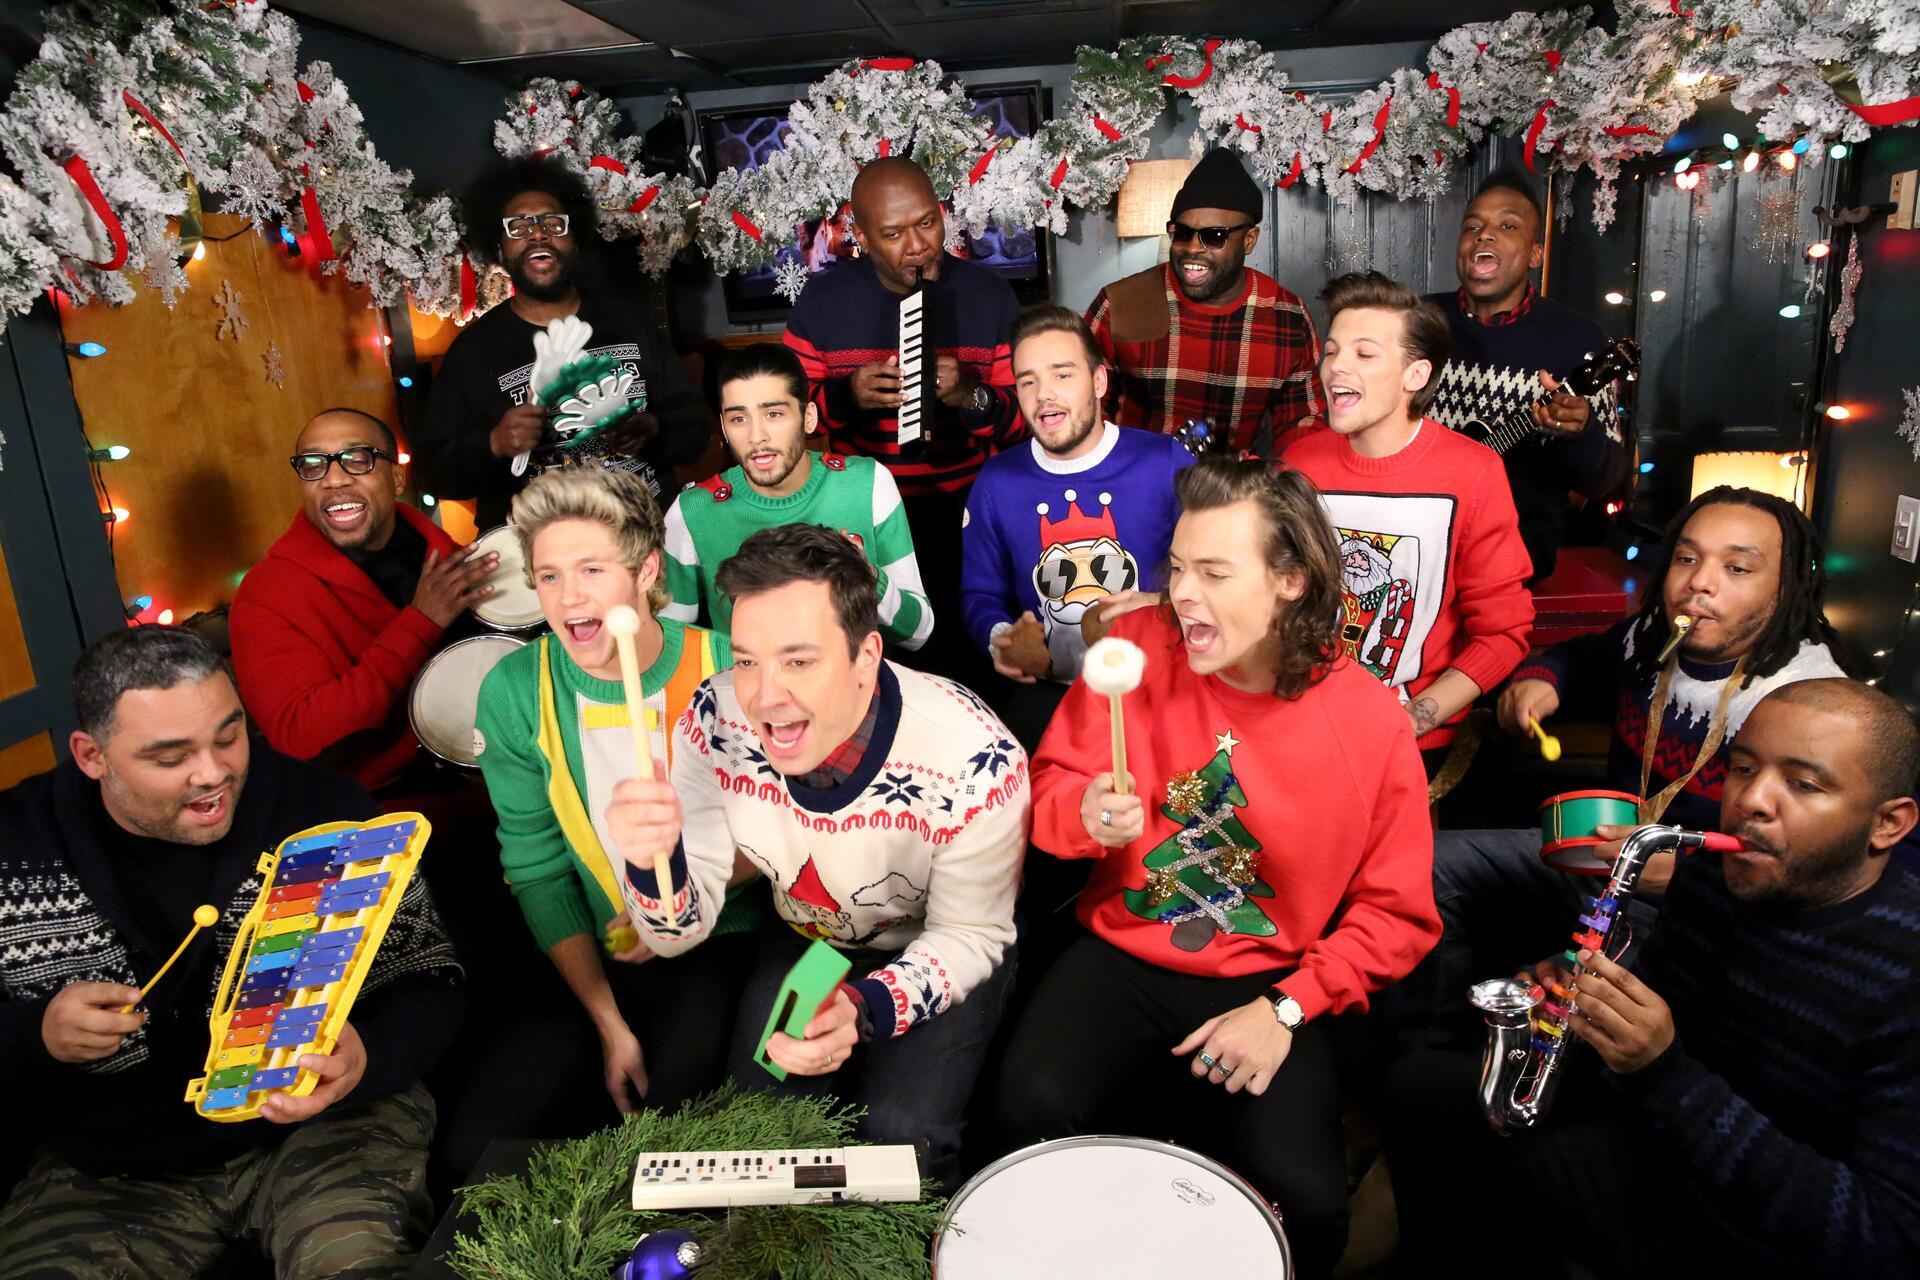 Jimmy Fallon Christmas Sweater